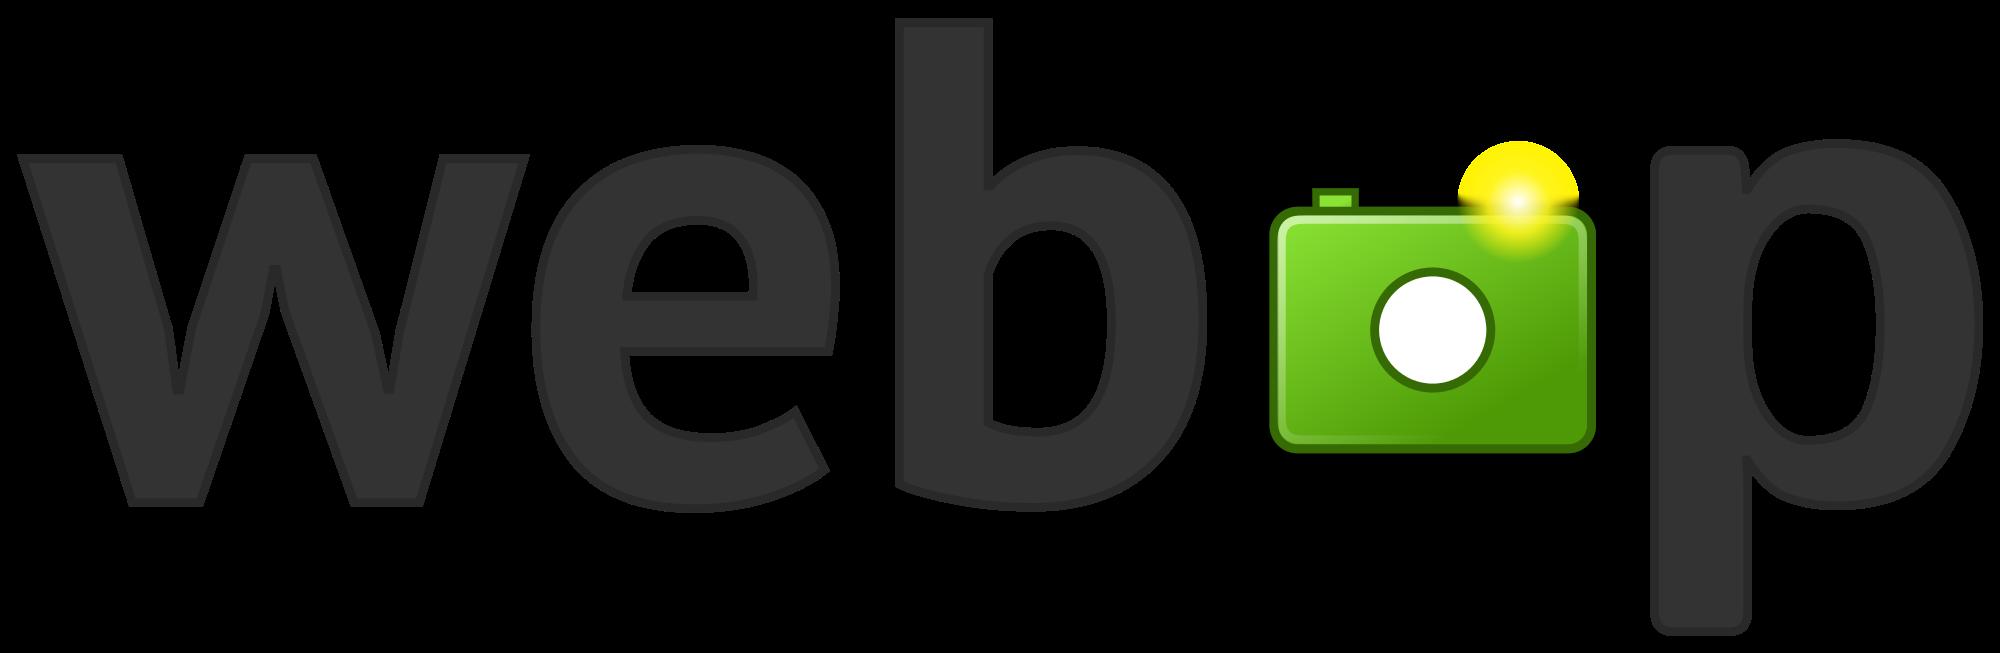 WebP - Wikipedia, la enciclopedia libre